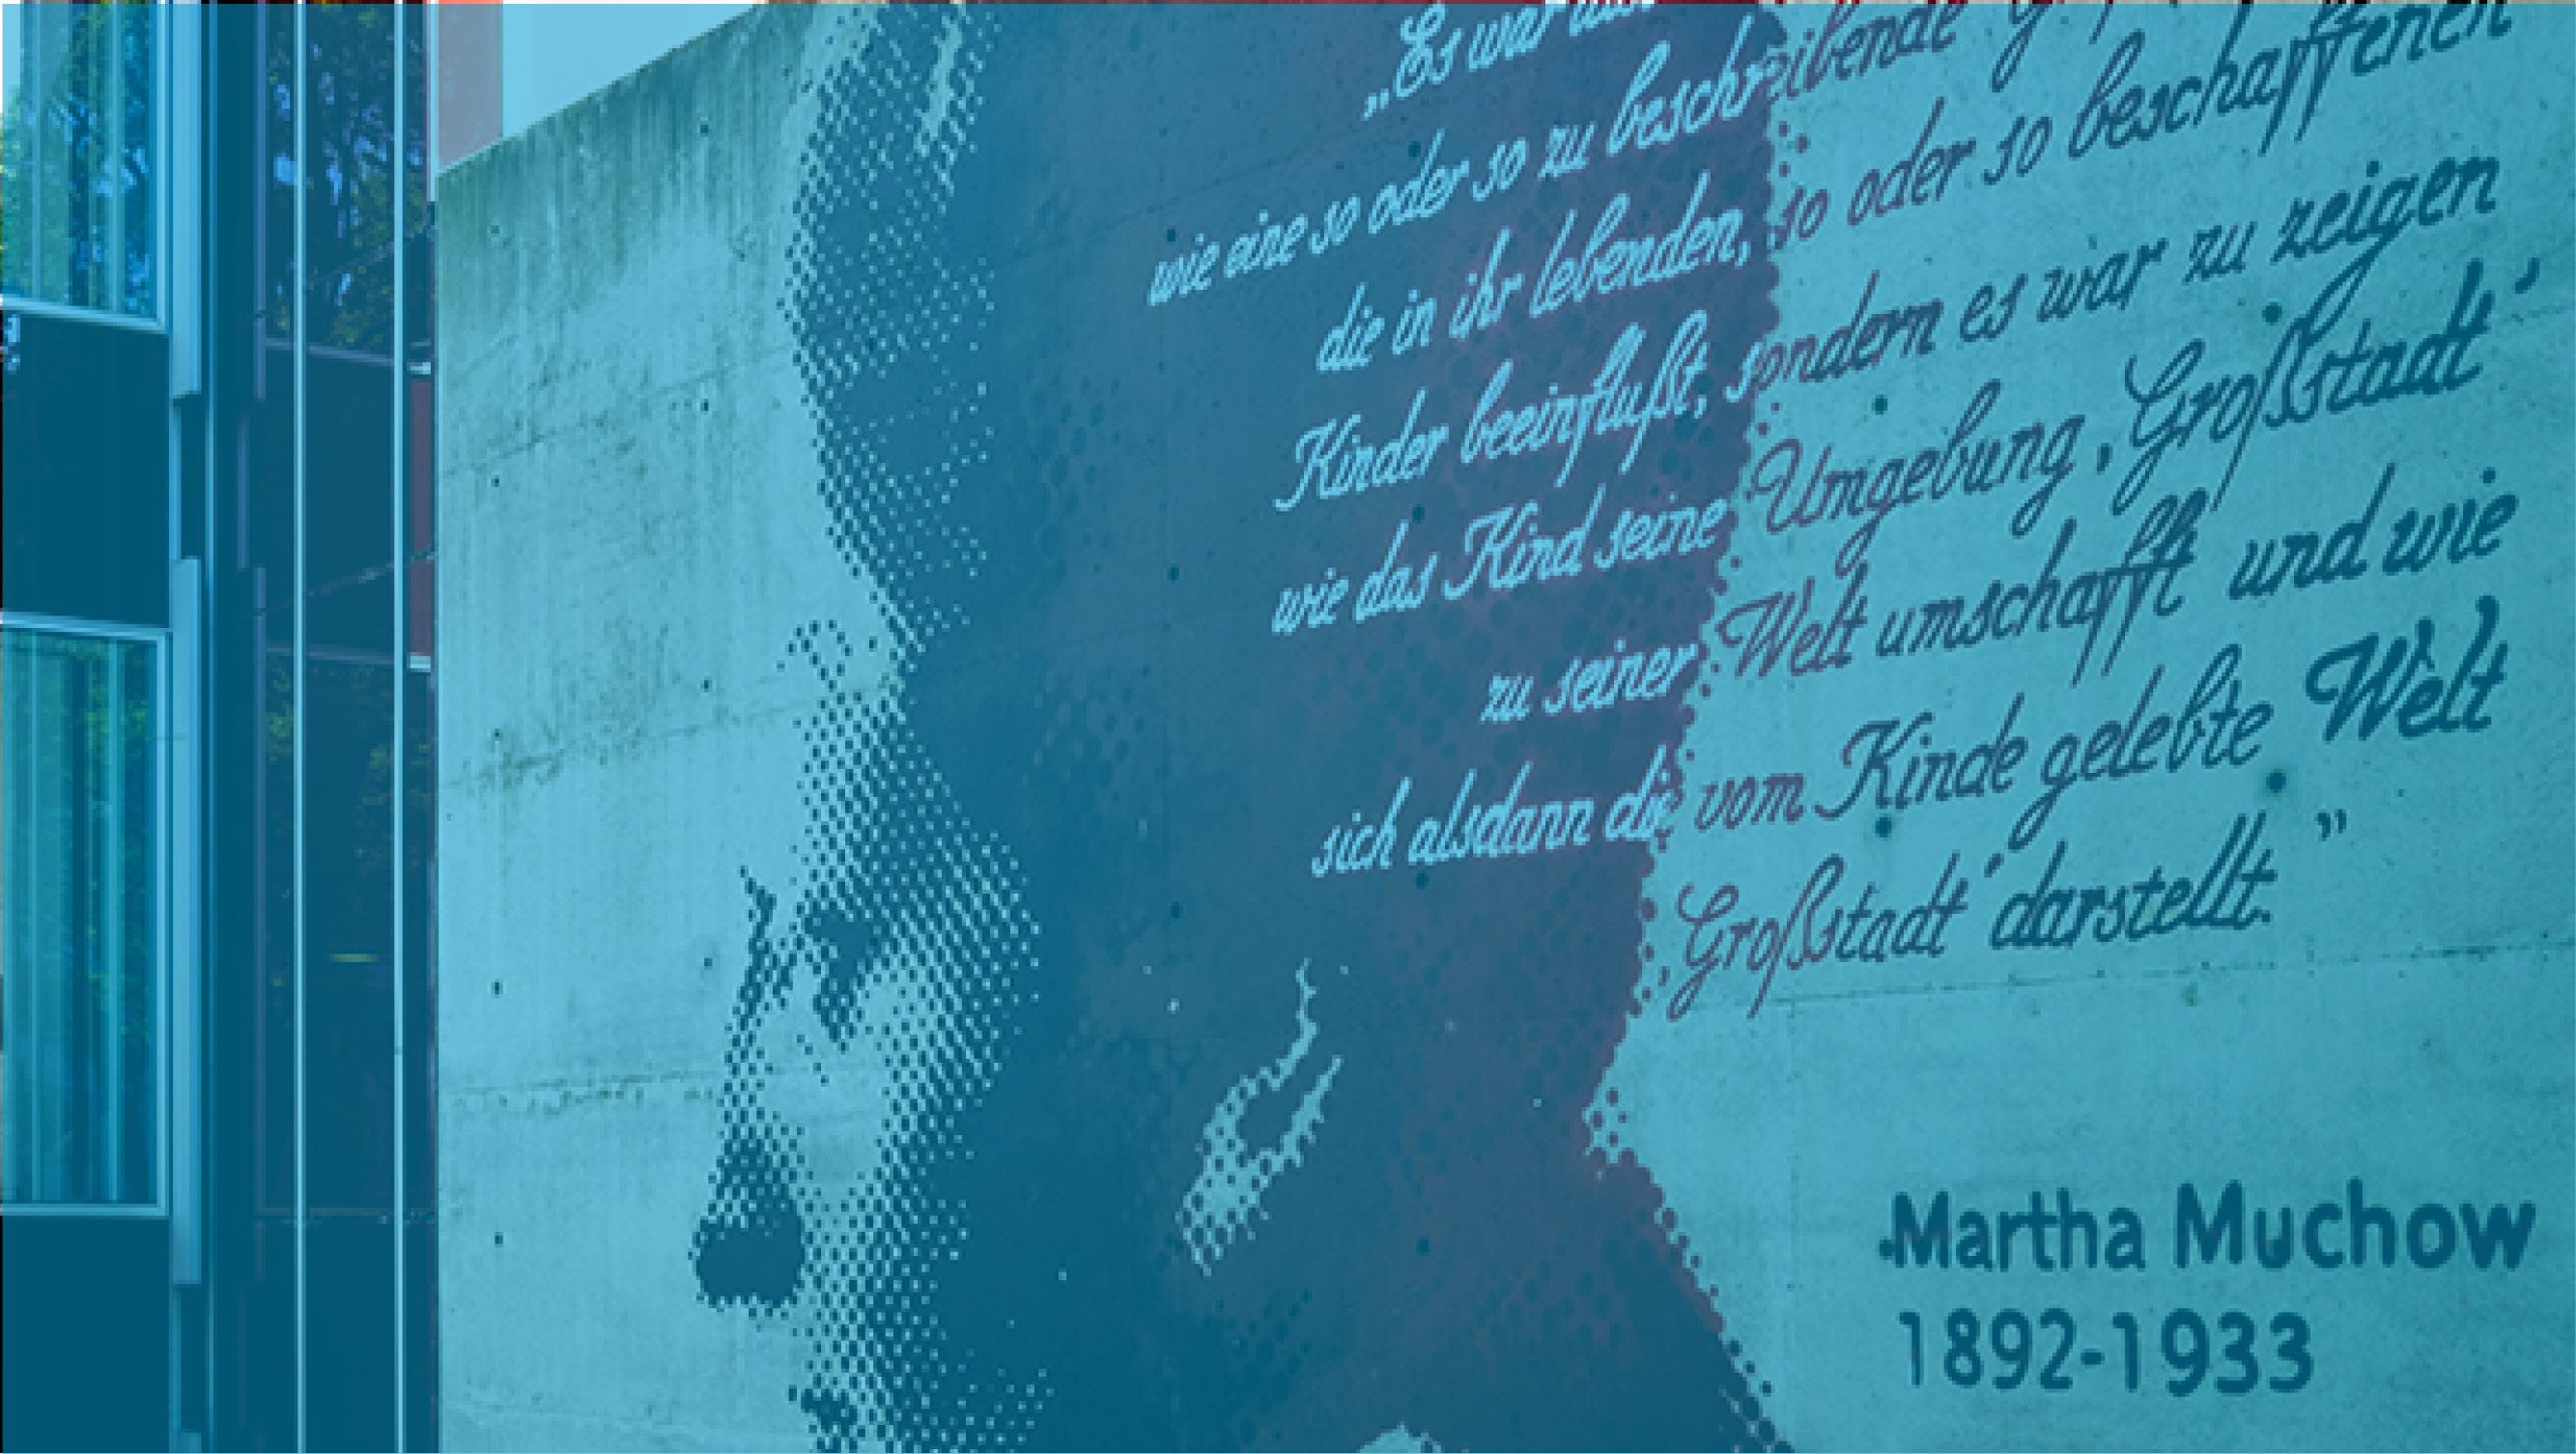 Vor der Martha-Muchow-Bibliothek mit Profil und Zitat von ihr an einer Wand